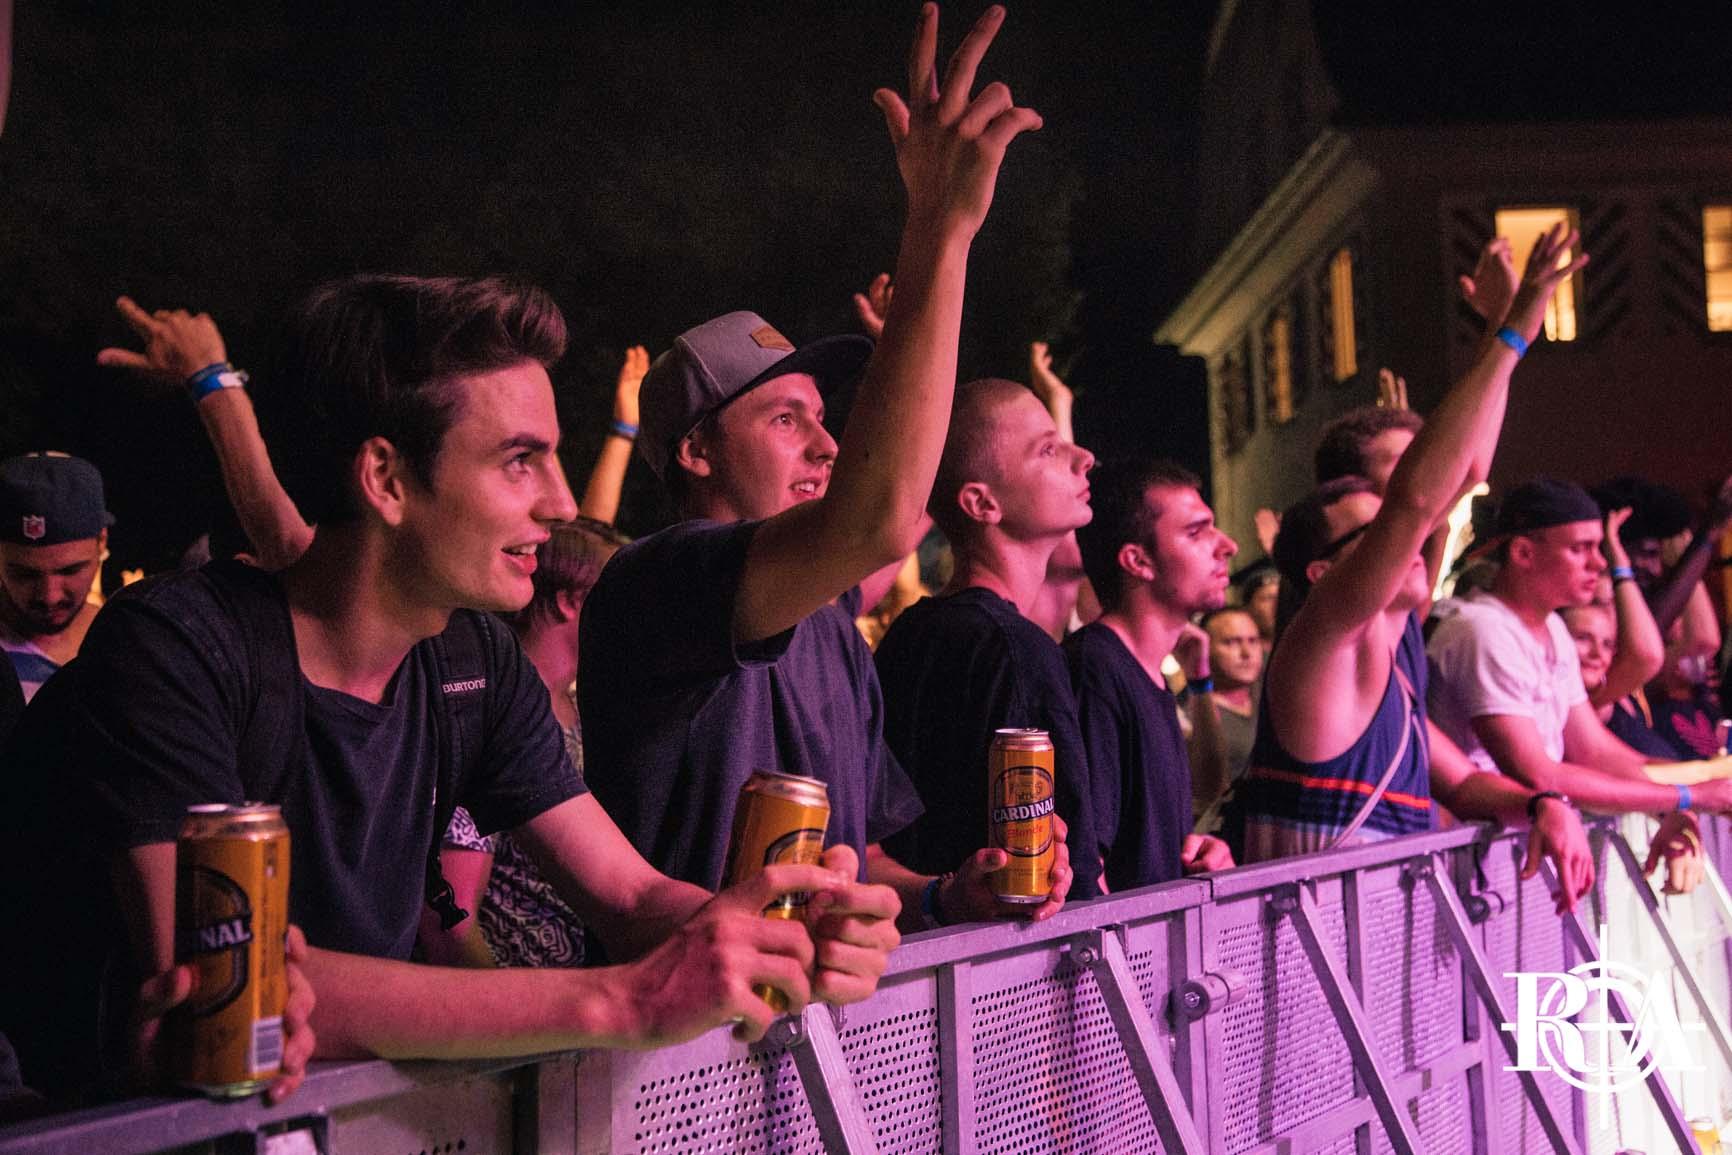 Obwaldner Abig - Am Freitag eröffnen wir das Rapattack-Weekend auf dem Landenberg mit dem Obwaldner Abig. Ab 17:00 Uhr stehen euch die Türen zur Opening Party offen und Einlass ist ab 16 Jahren. Geniesst den Ausblick in die Berge mit einer Chäässchnitte und einem Kaffi Schnaps, während unsere DJ's euch mit gutem Hip-Hop richtig auf den Festivalsamstag vorbereiten.